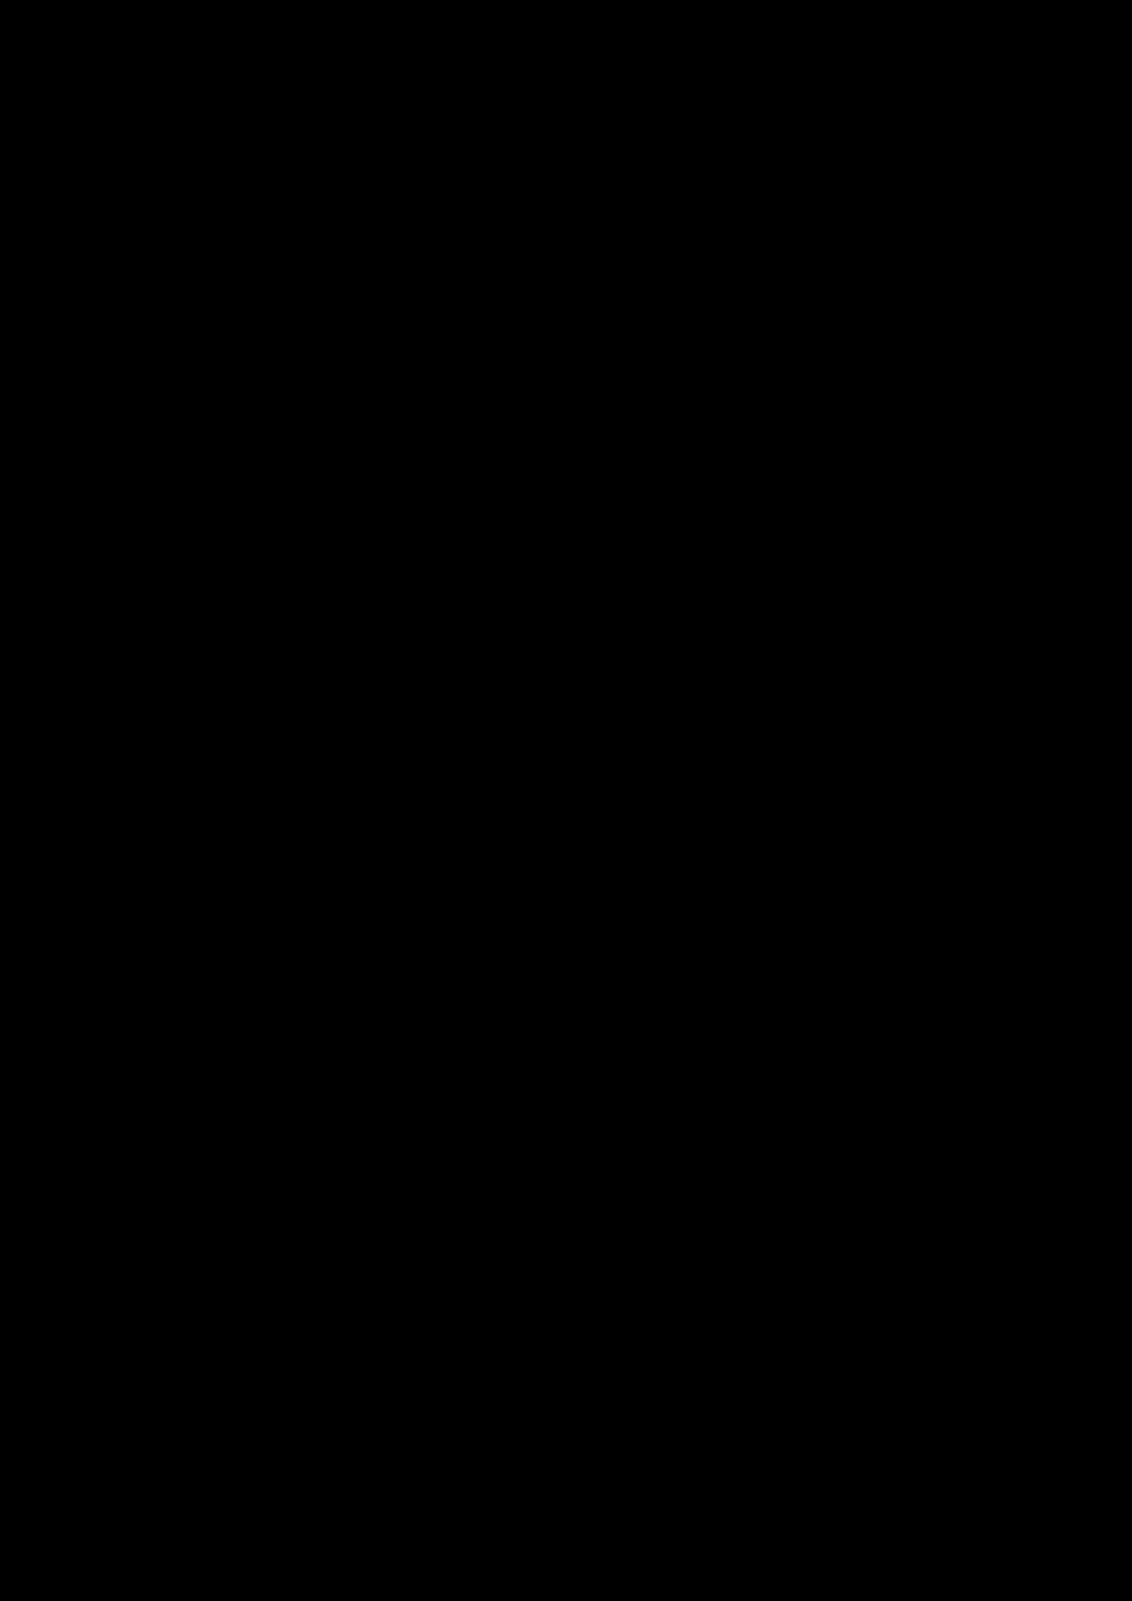 Zagadka volshebnoy stranyi slide, Image 57